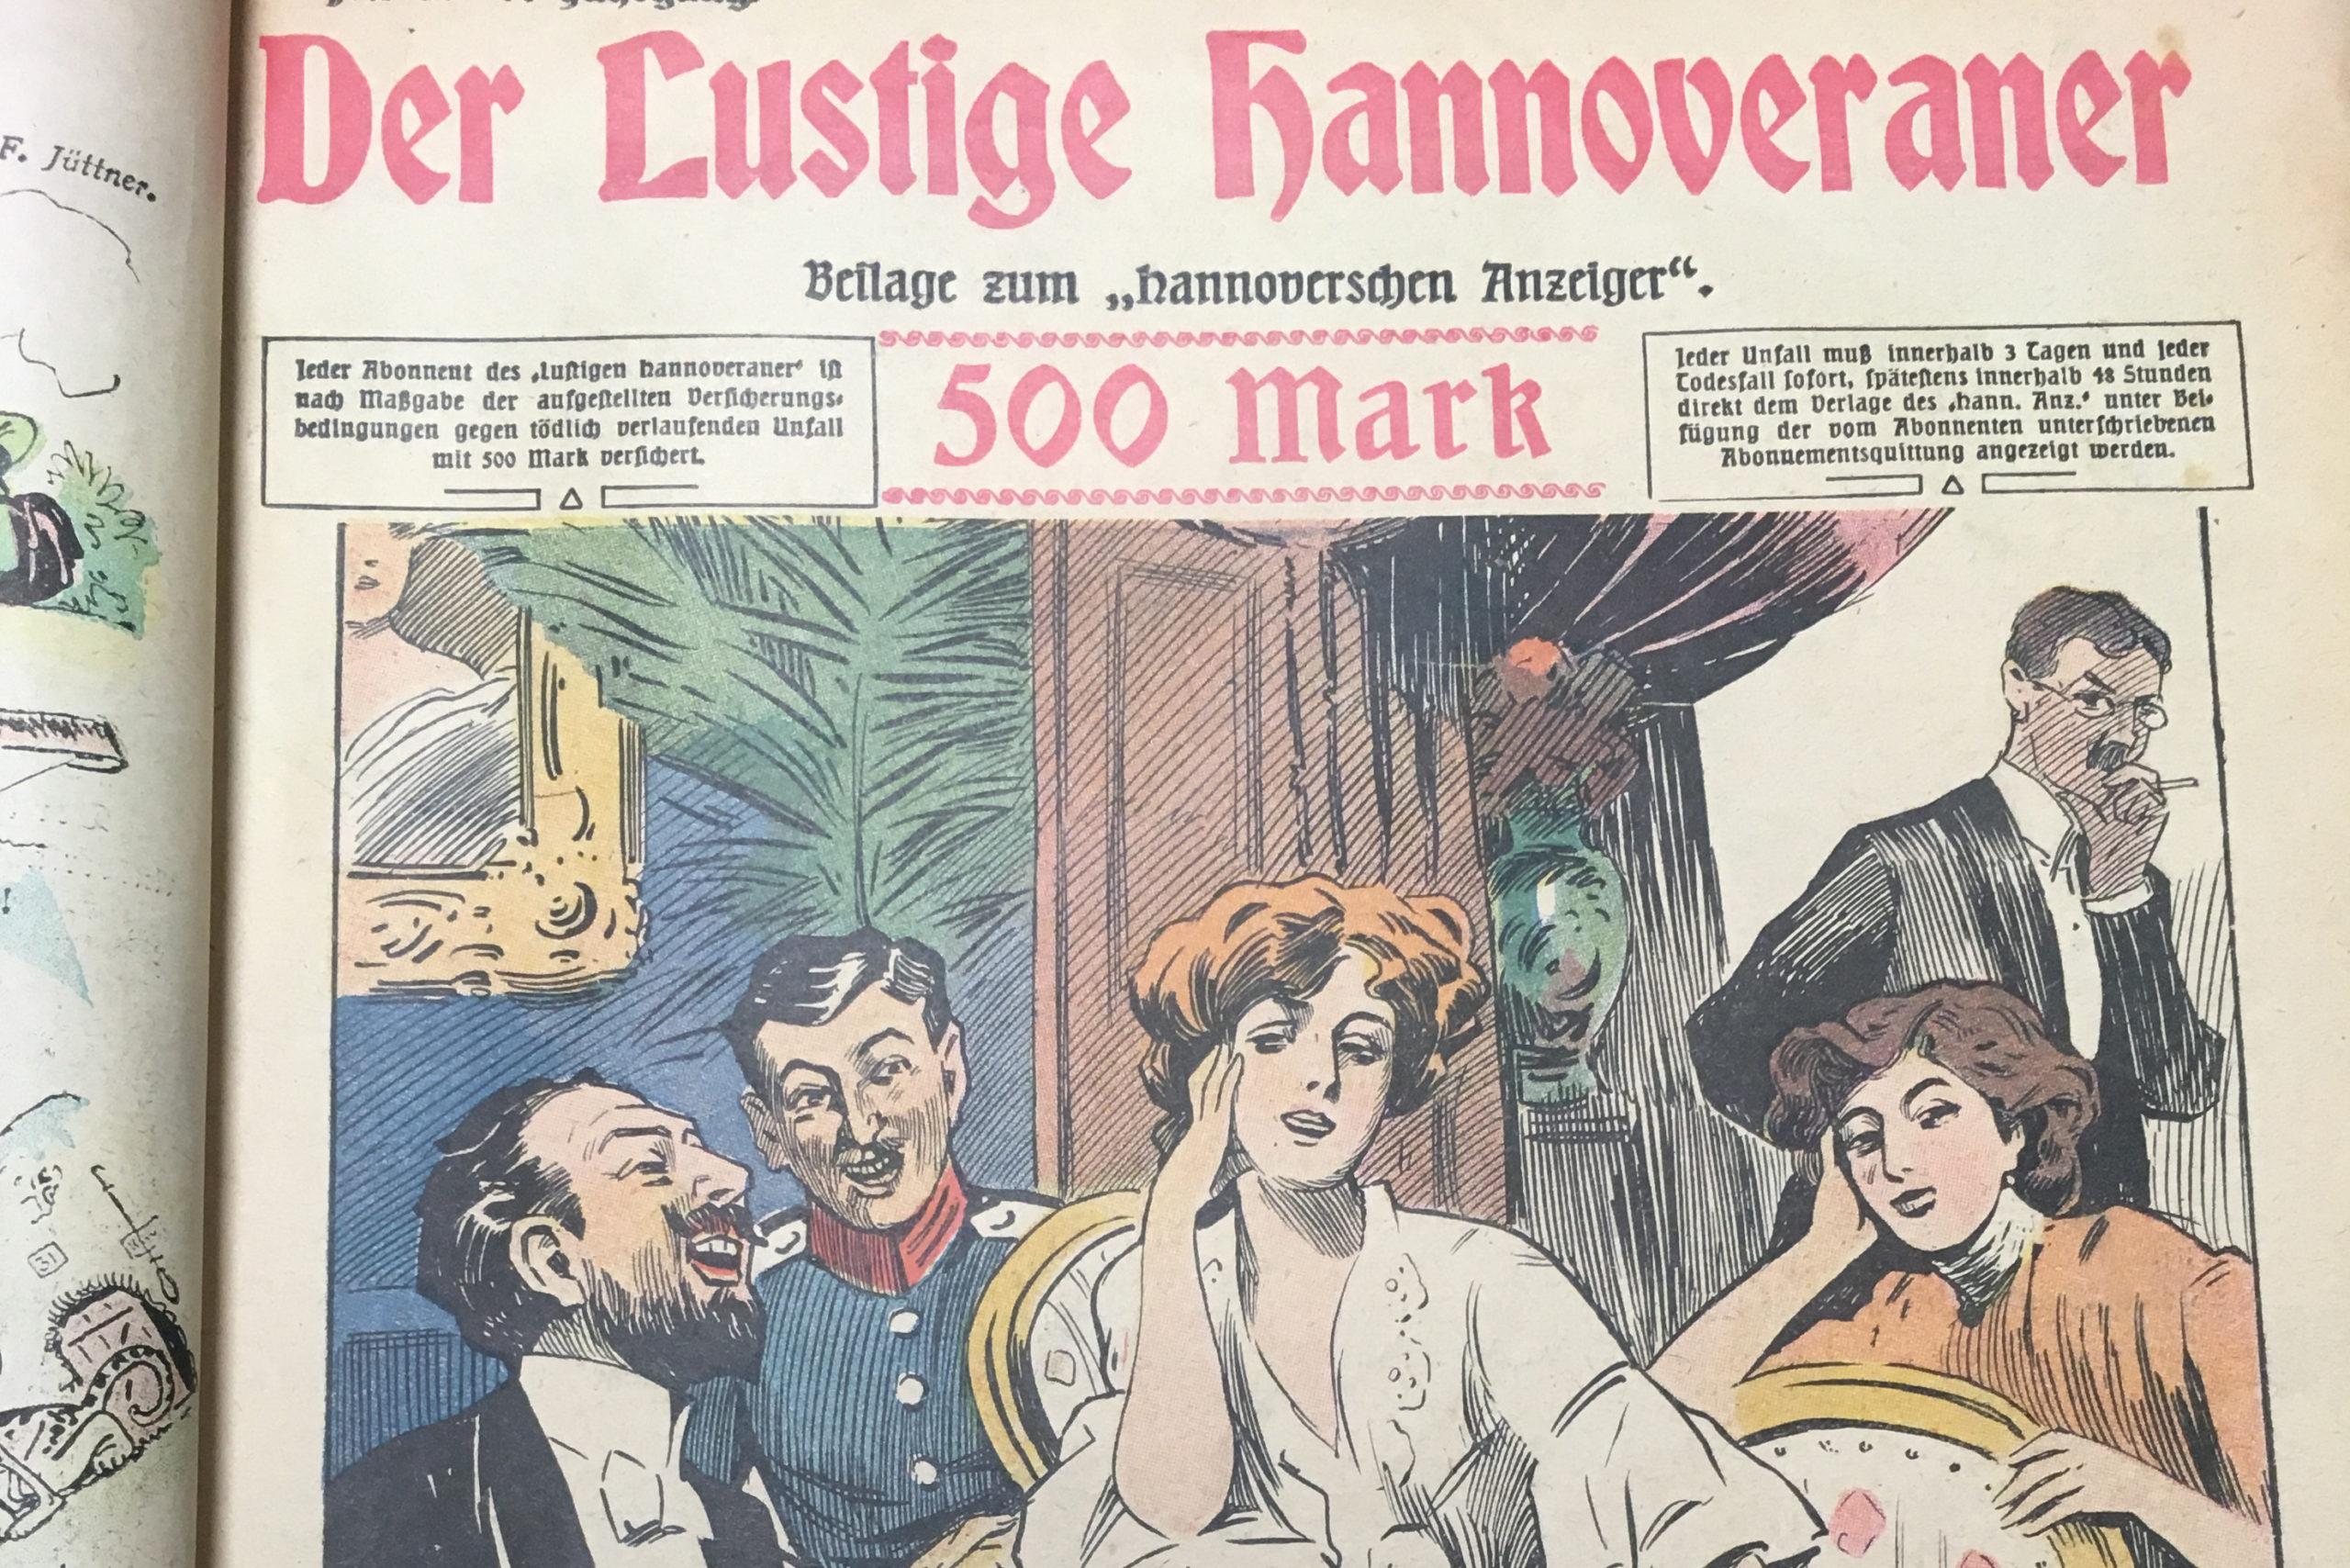 Scan: Titelblatt Der Lustige Hannoveraner. Historische Zeitungsbeilagen.